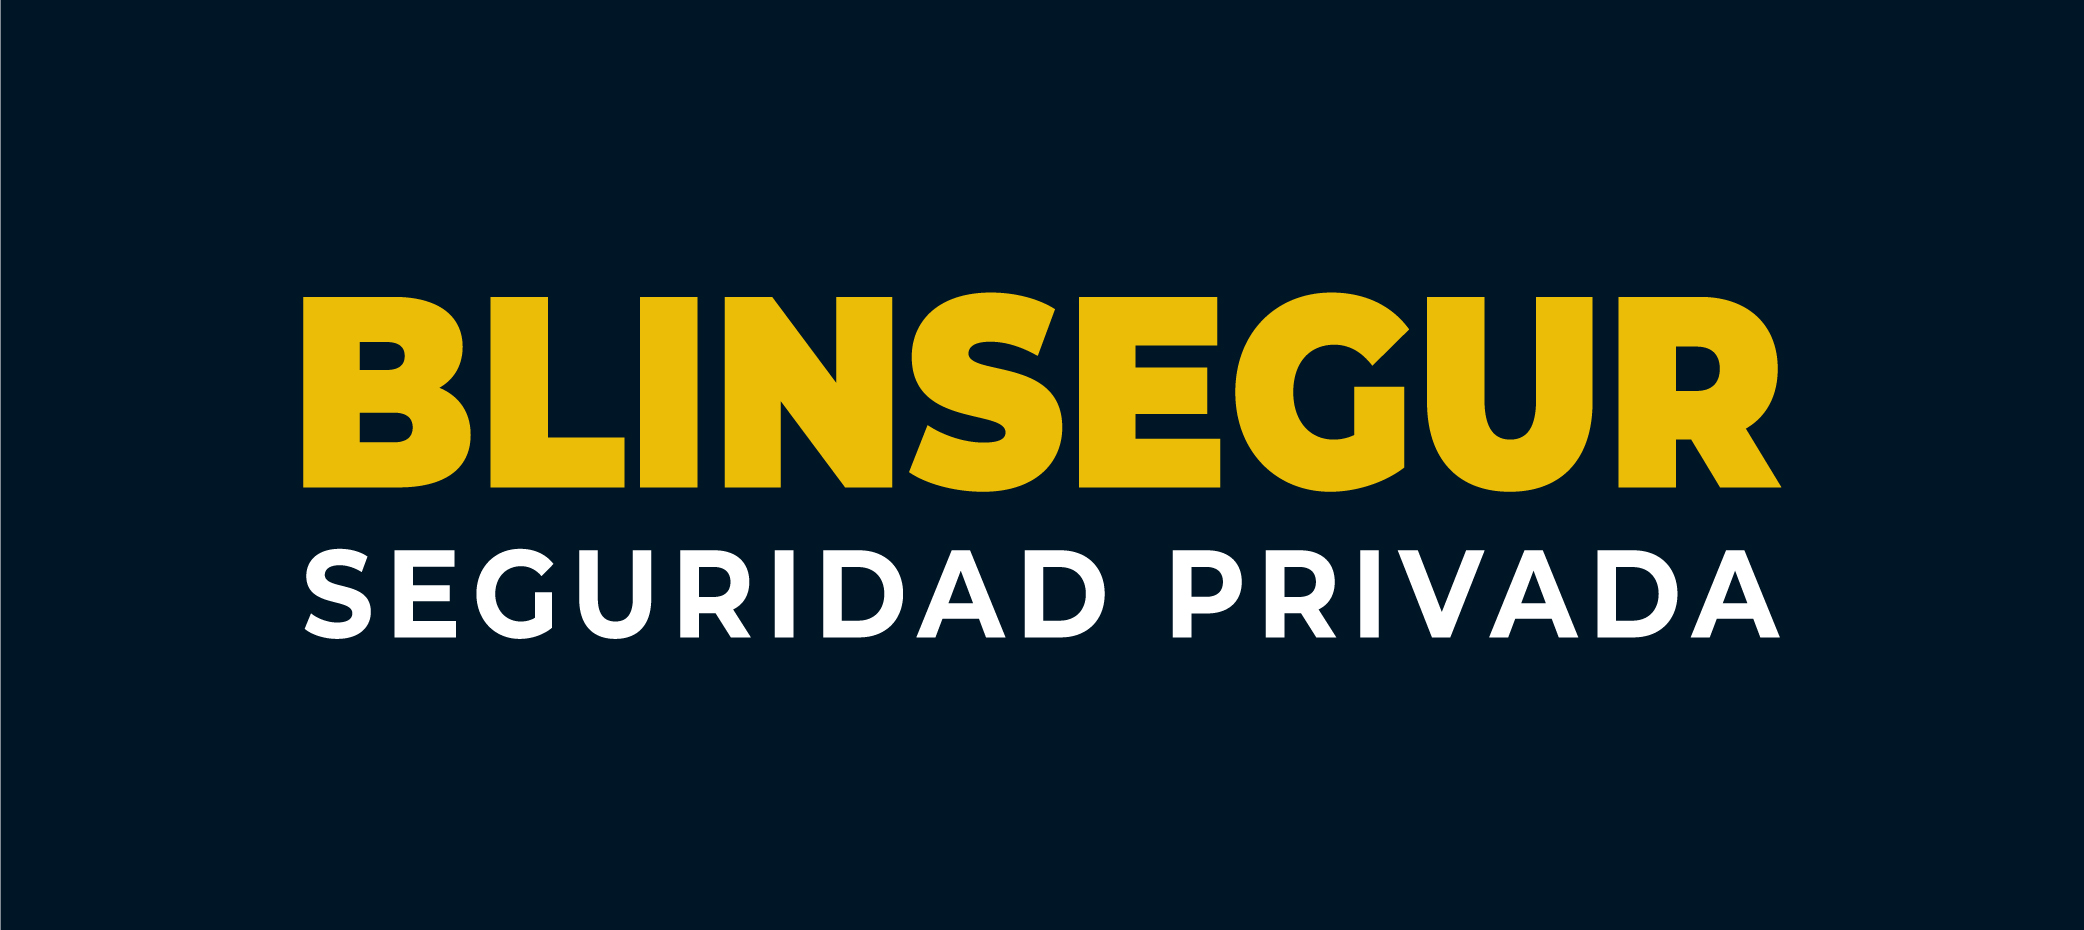 BLINSEGUR S.R.L.